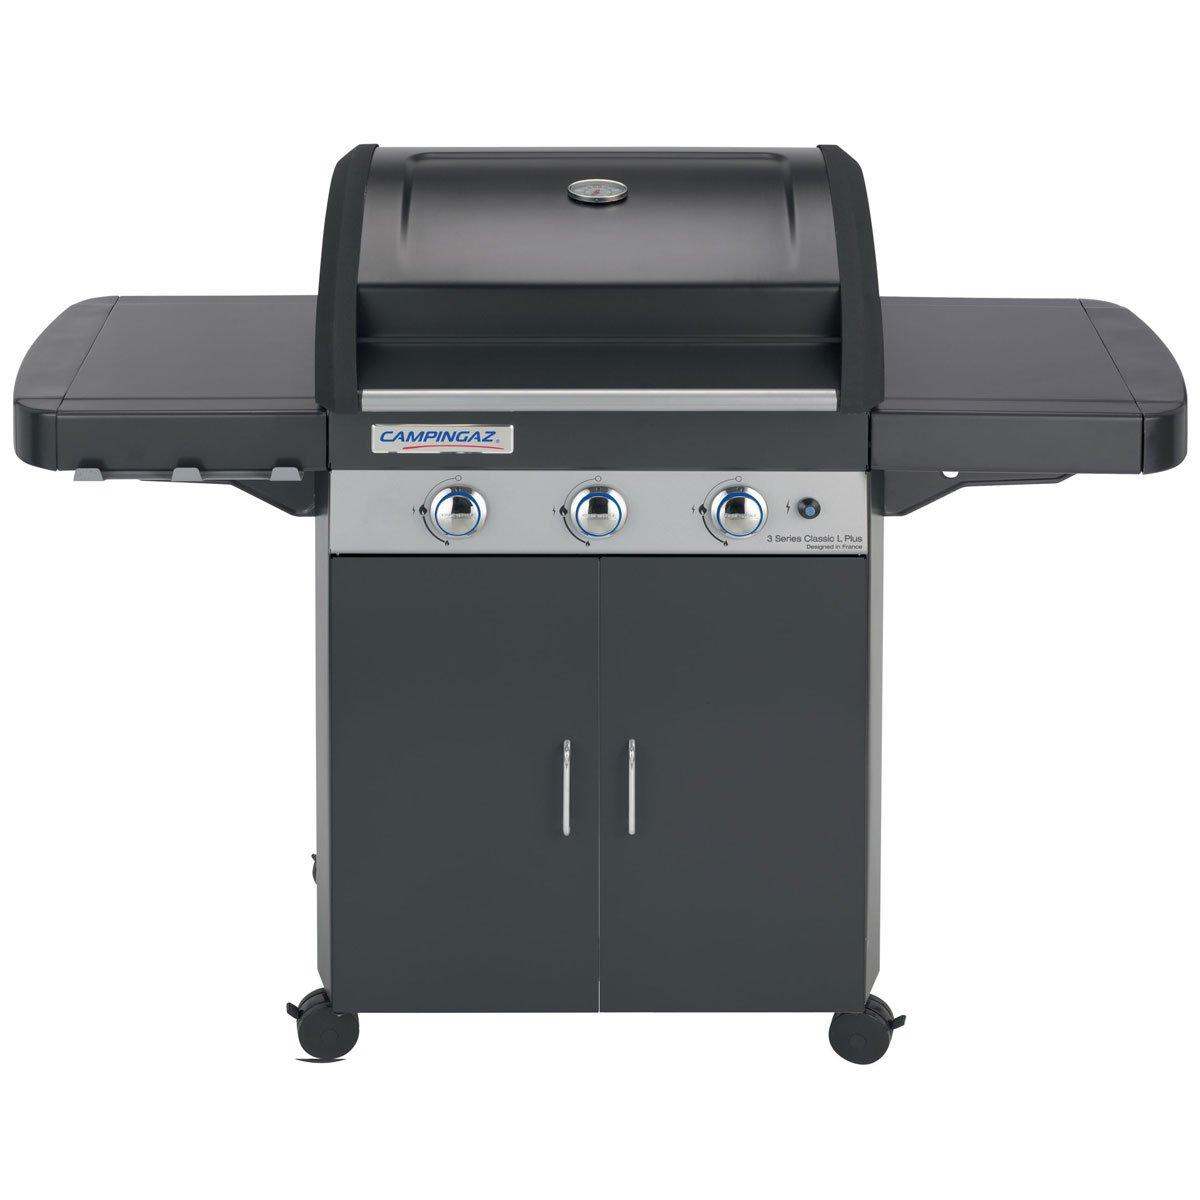 barbecue 2 serie camping gaz classic lx d plus vario